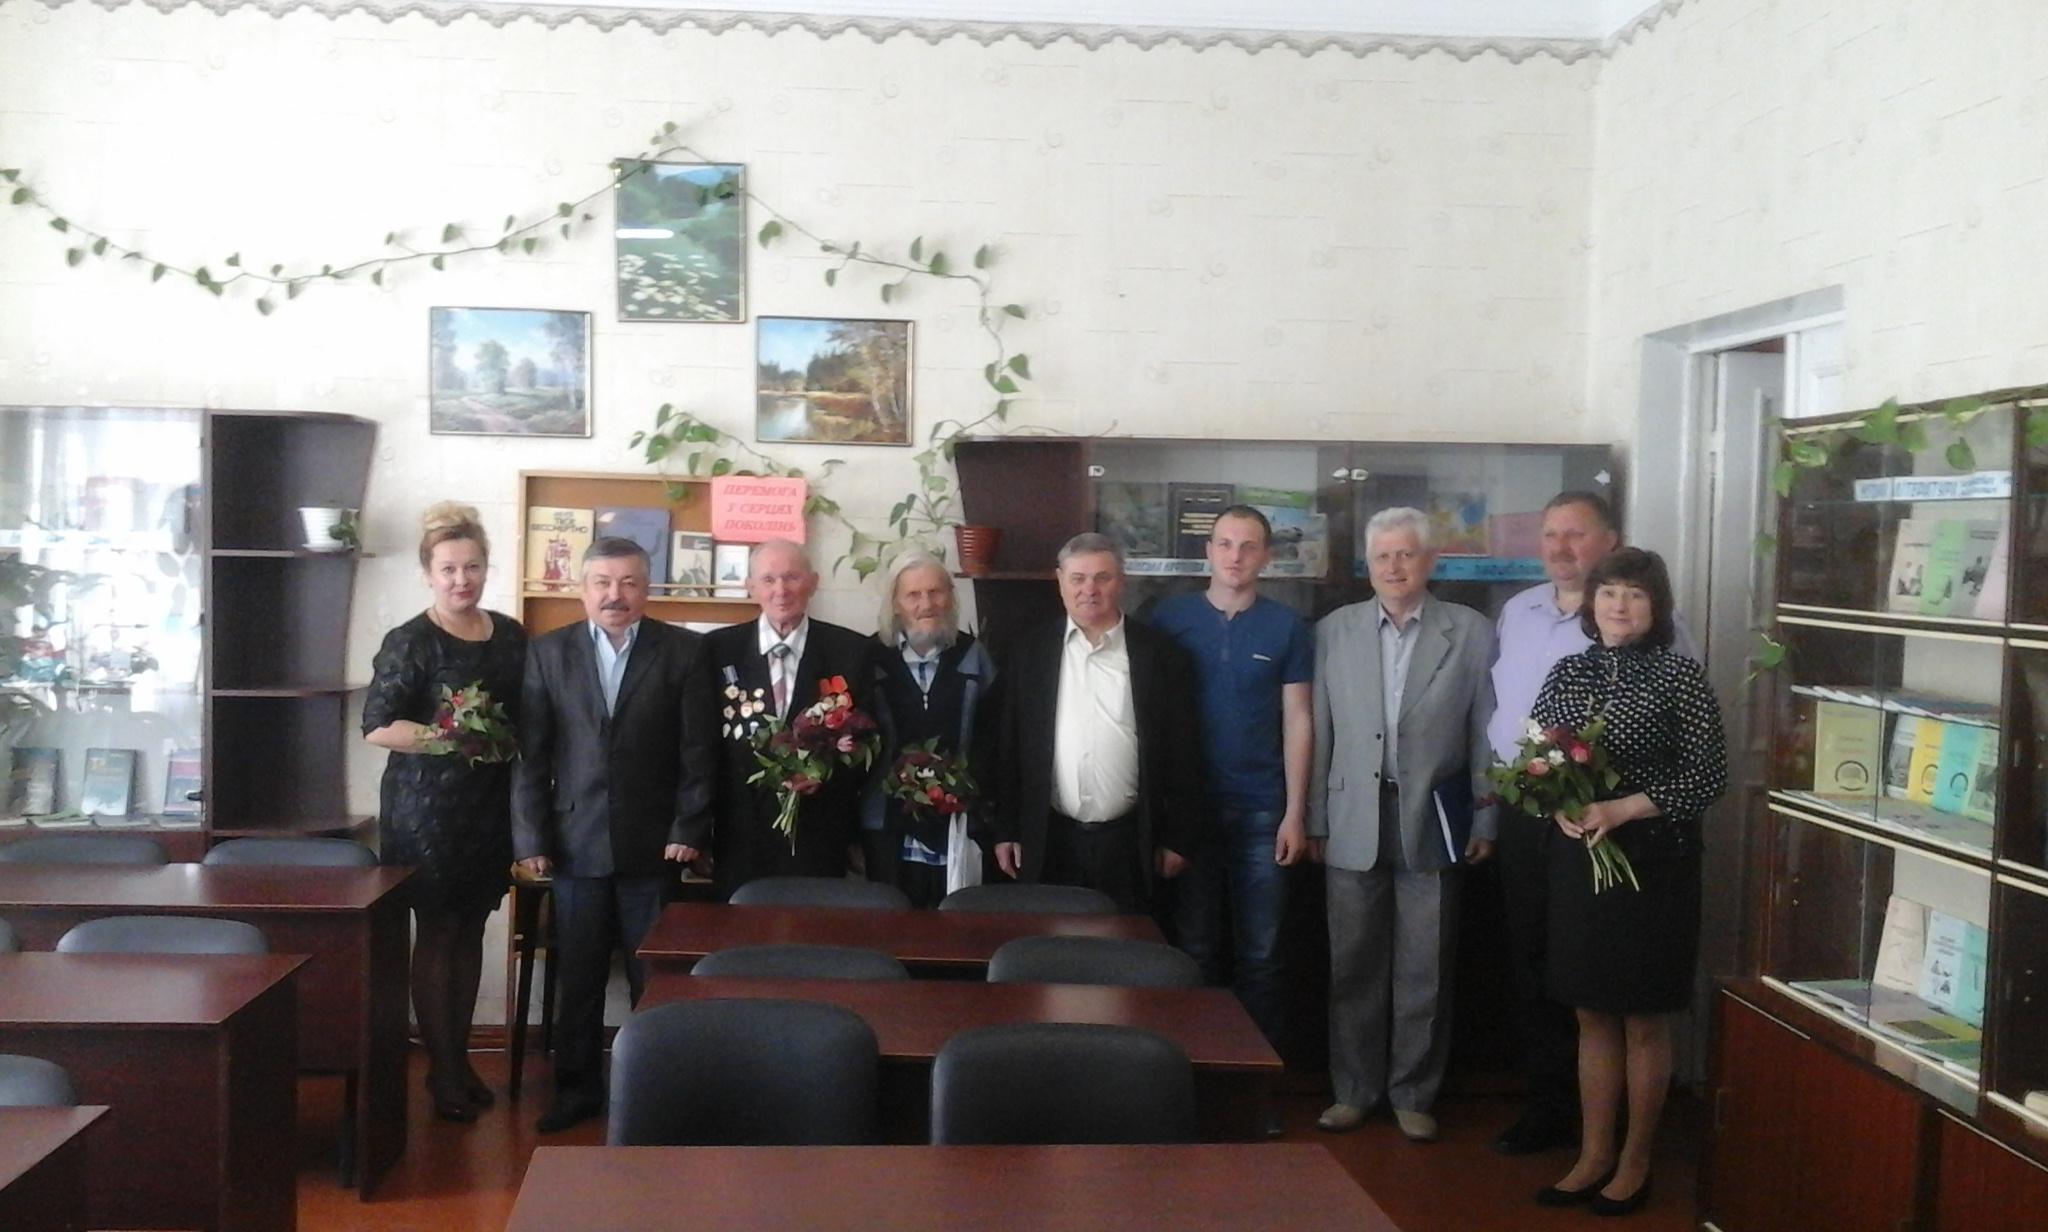 5 травня до Дня пам'яті та примирення  в бібліотеці Охтирського коледжу СНАУ